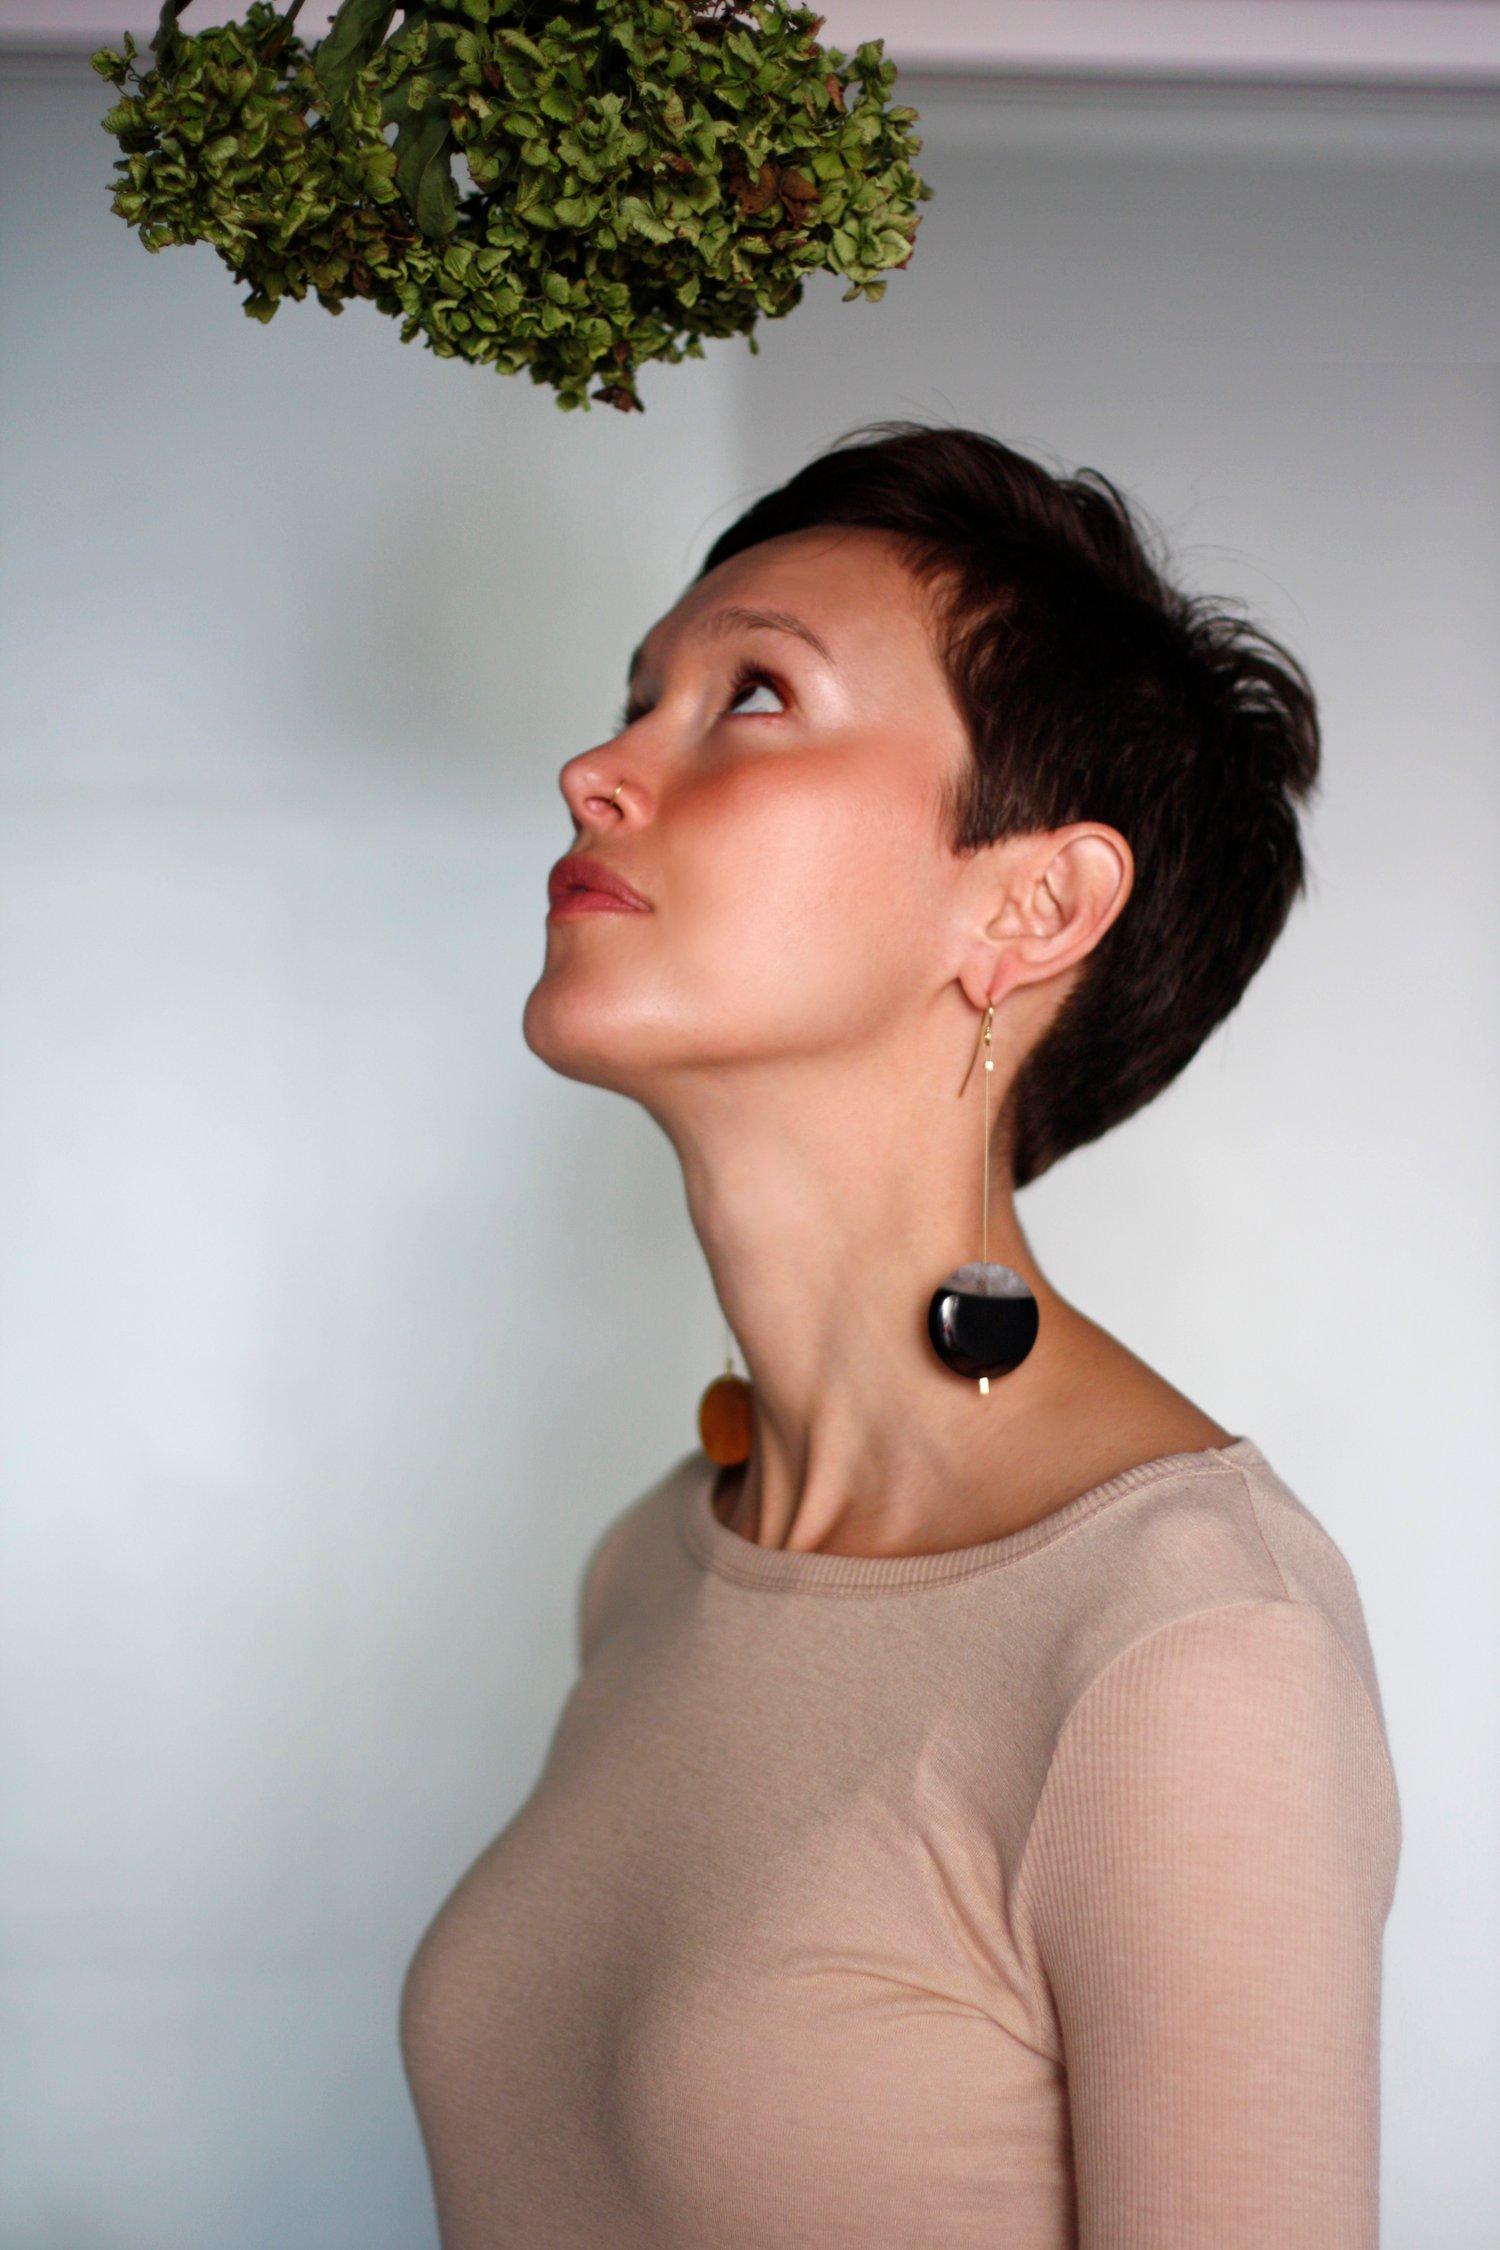 Image of Bing & Bang Earrings (SOLD)